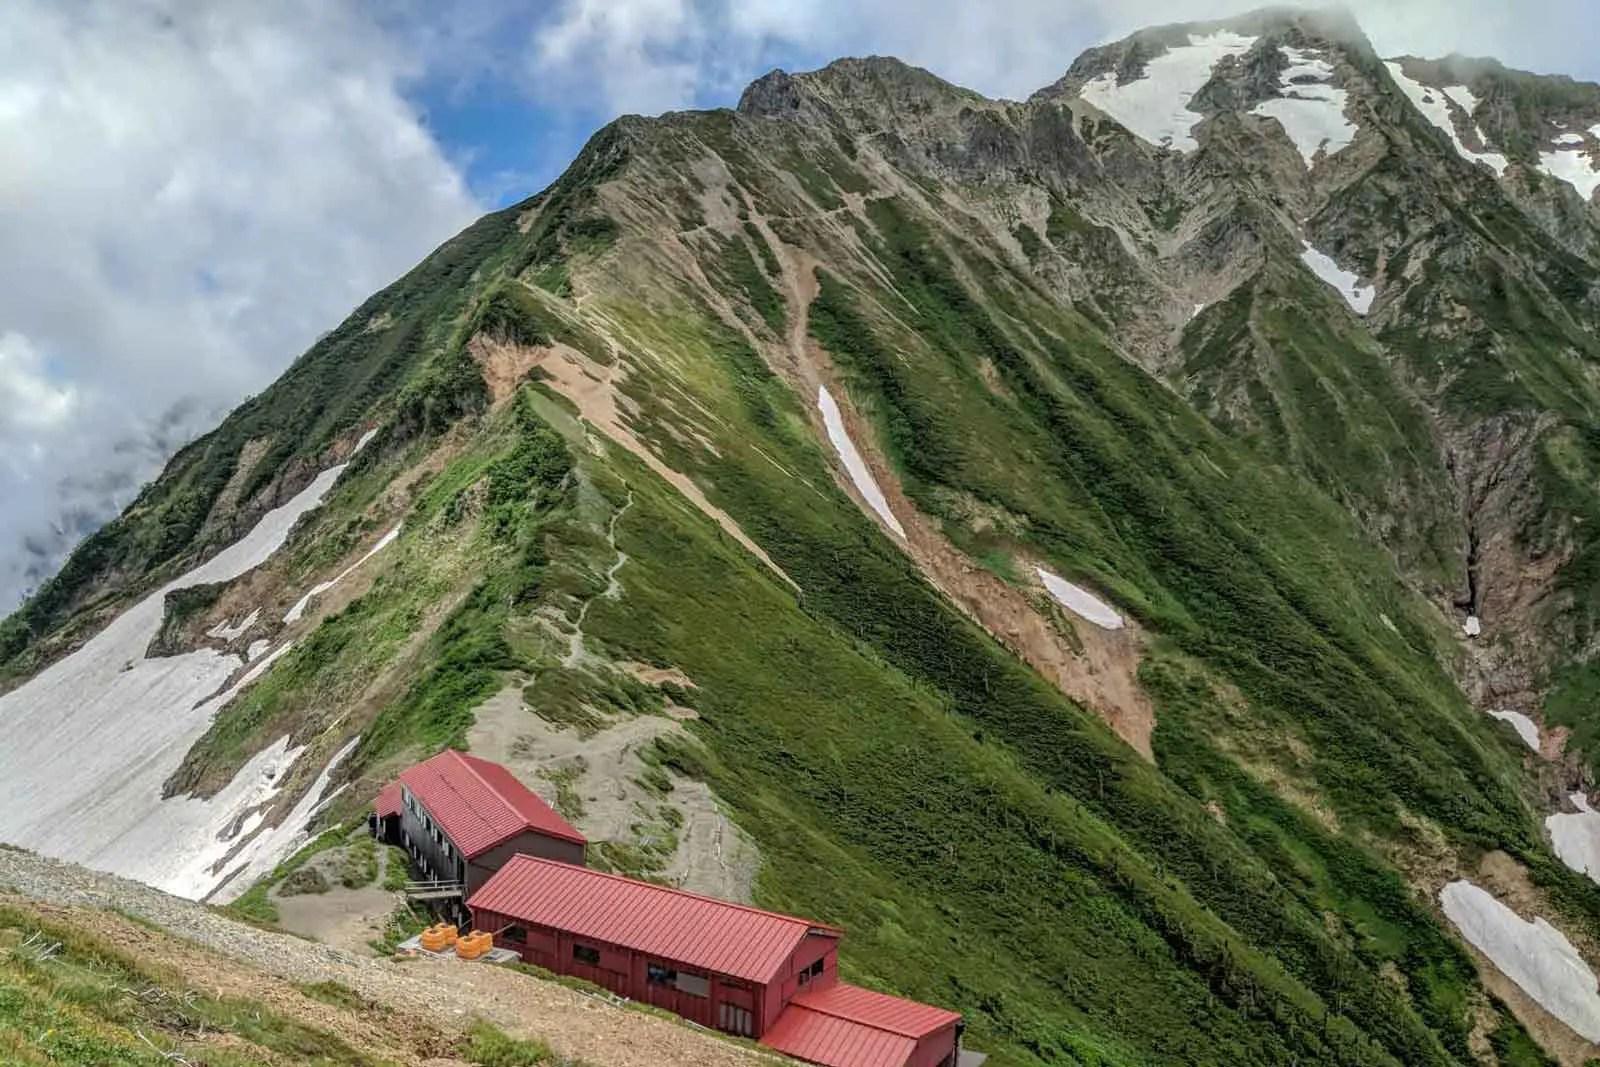 Japan Alps Traverse Kita Alps Ridgeline Hut